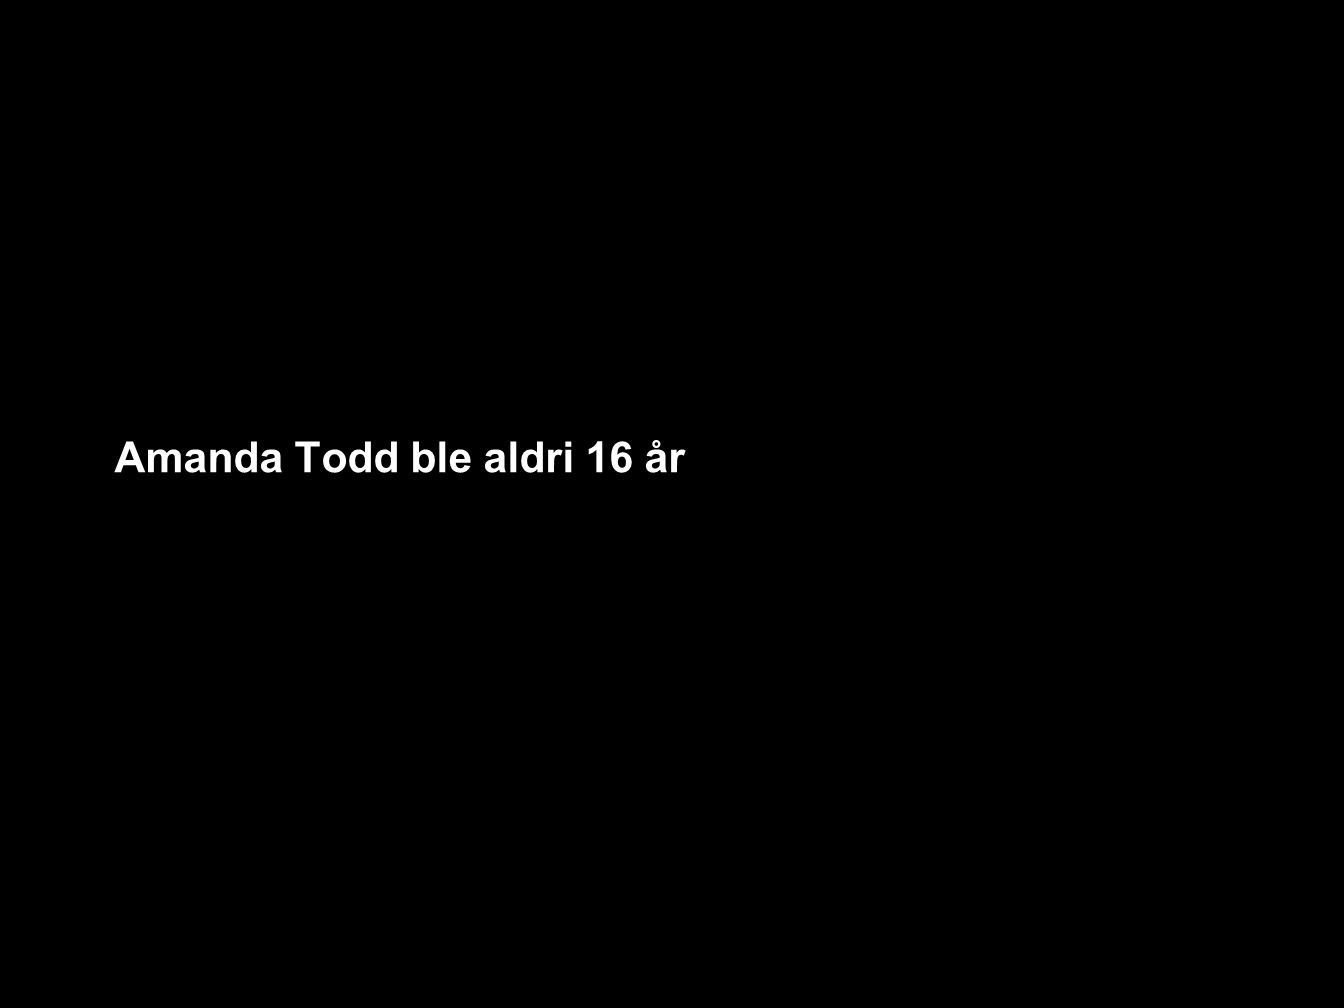 Amanda Todd ble aldri 16 år